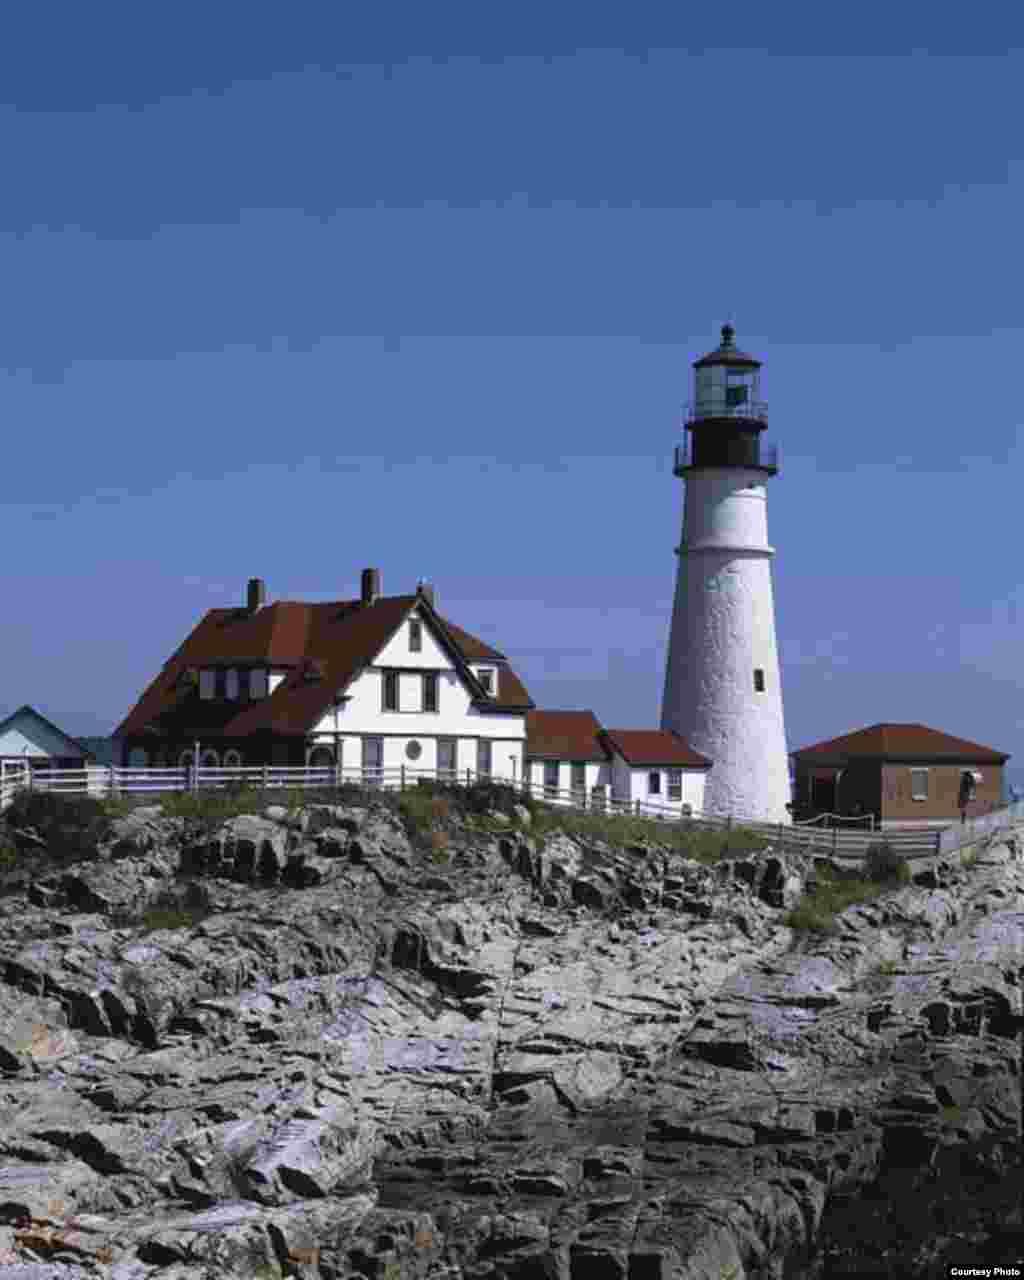 El faro de Portland Head ubicado en Portland en el estado de Maine, en el nororiente de Estados Unidos. (Foto: Carol M. Highsmith)